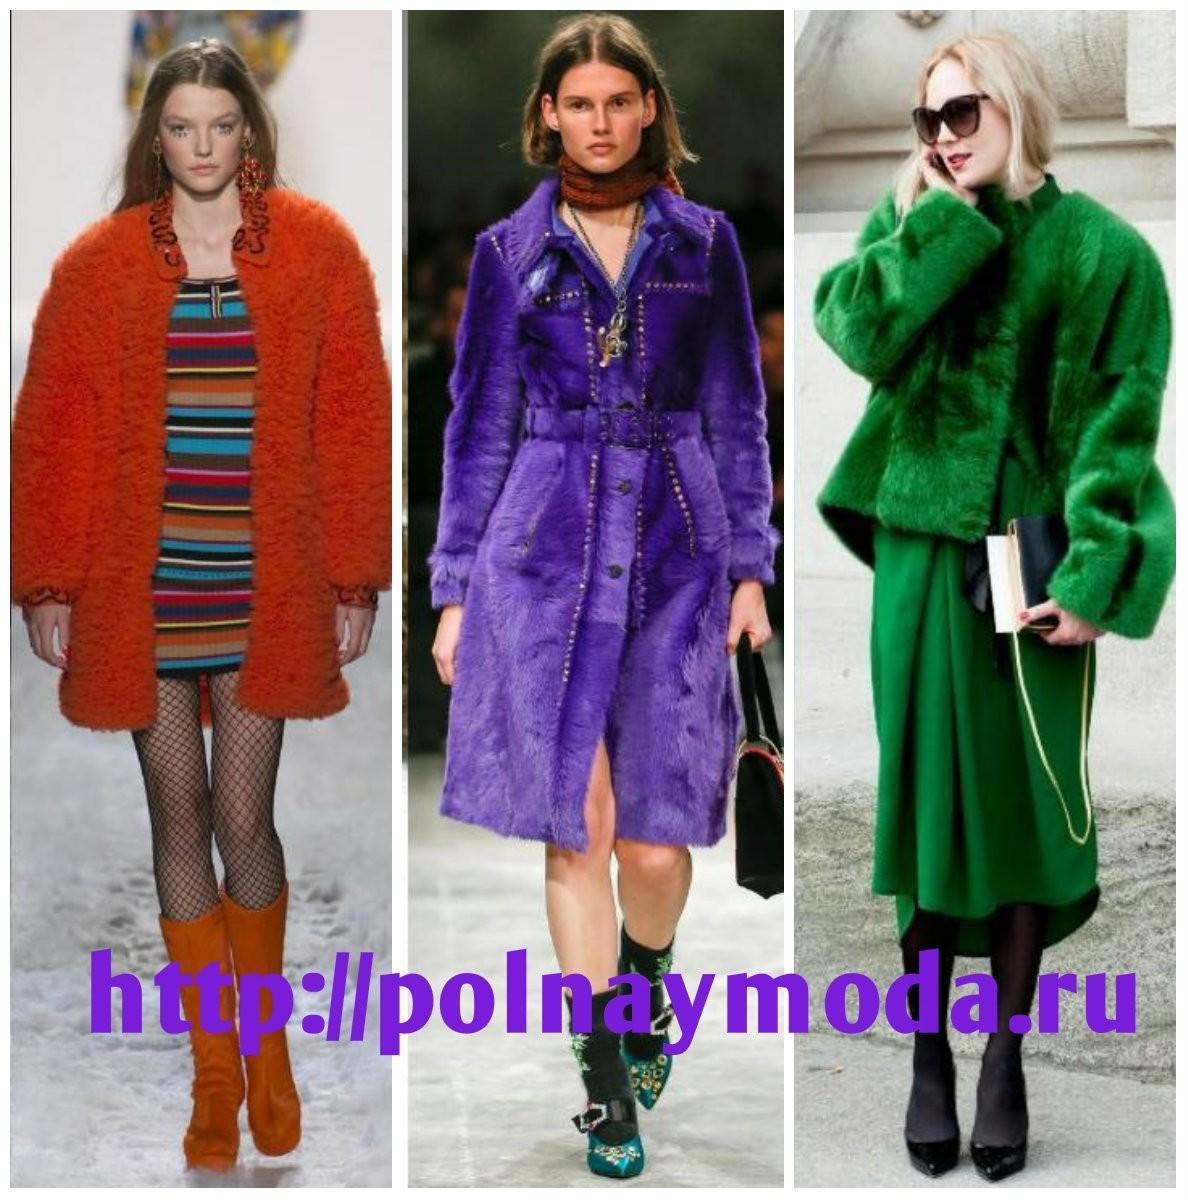 модные шубы цветные, фиолетовые, зеленые, оранжевые 2018 2019н